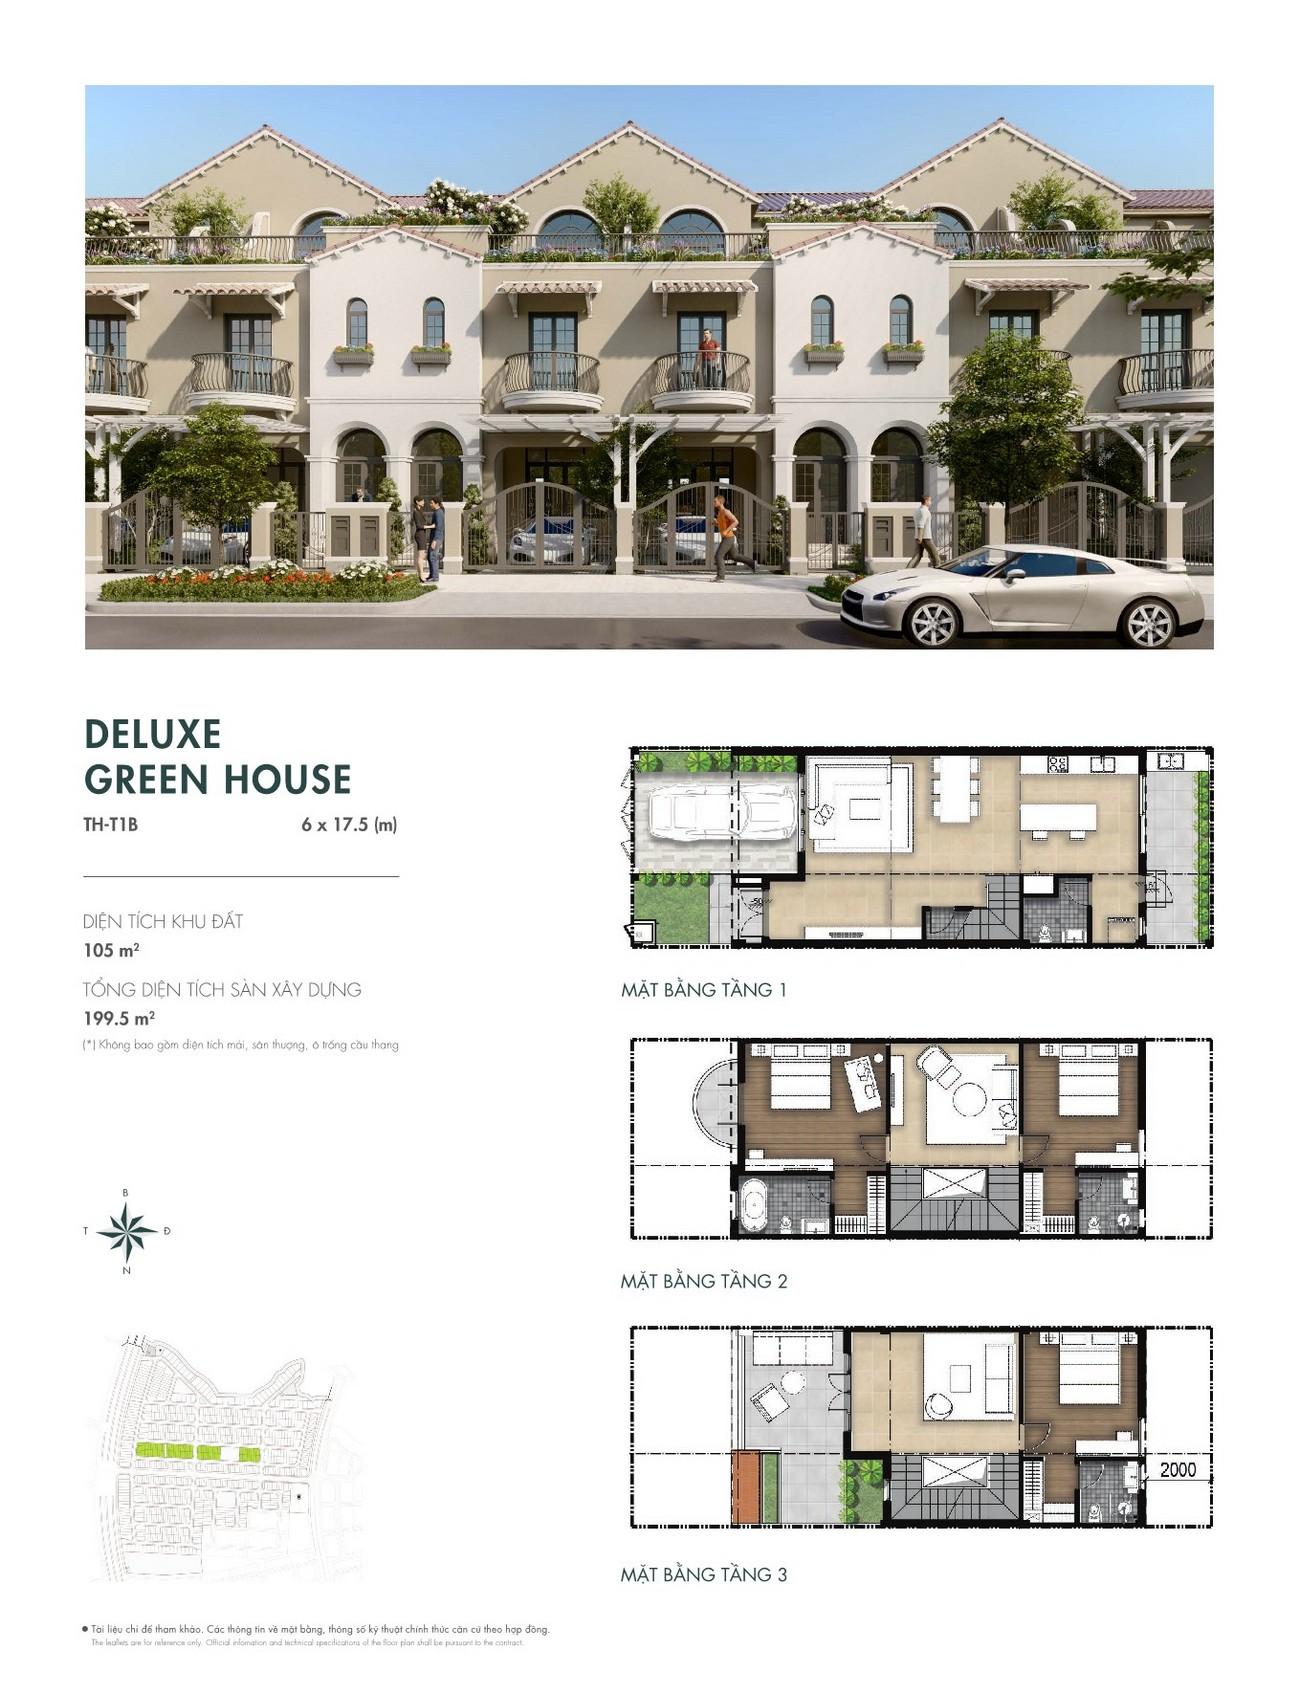 Thiết kế Deluxe Green House (6x17,5 m) dự án nhà phố Aqua City The River Park 1 TP. Biên Hòa Đường Ngô Quyền nhà phát triển Novaland